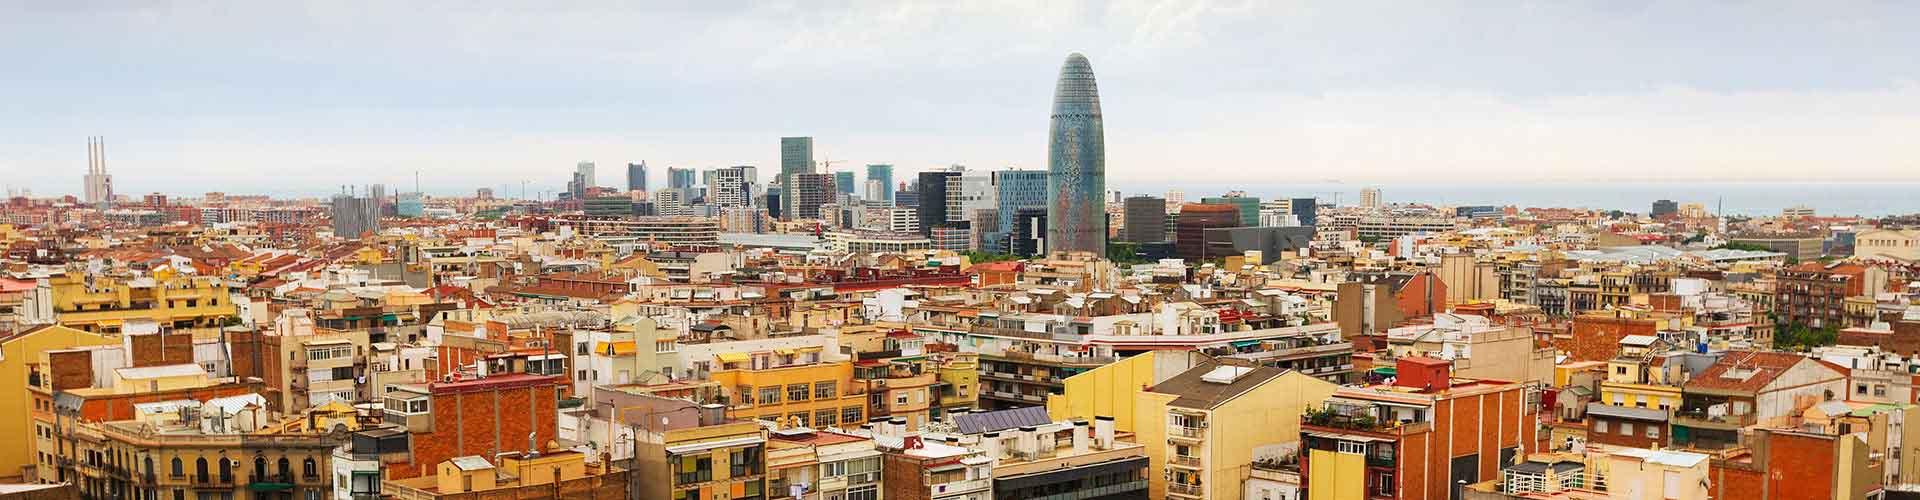 Barcelone - Auberges de jeunesse dans le quartier de Sagrada Família. Cartes pour Barcelone, photos et commentaires pour chaque auberge de jeunesse à Barcelone.